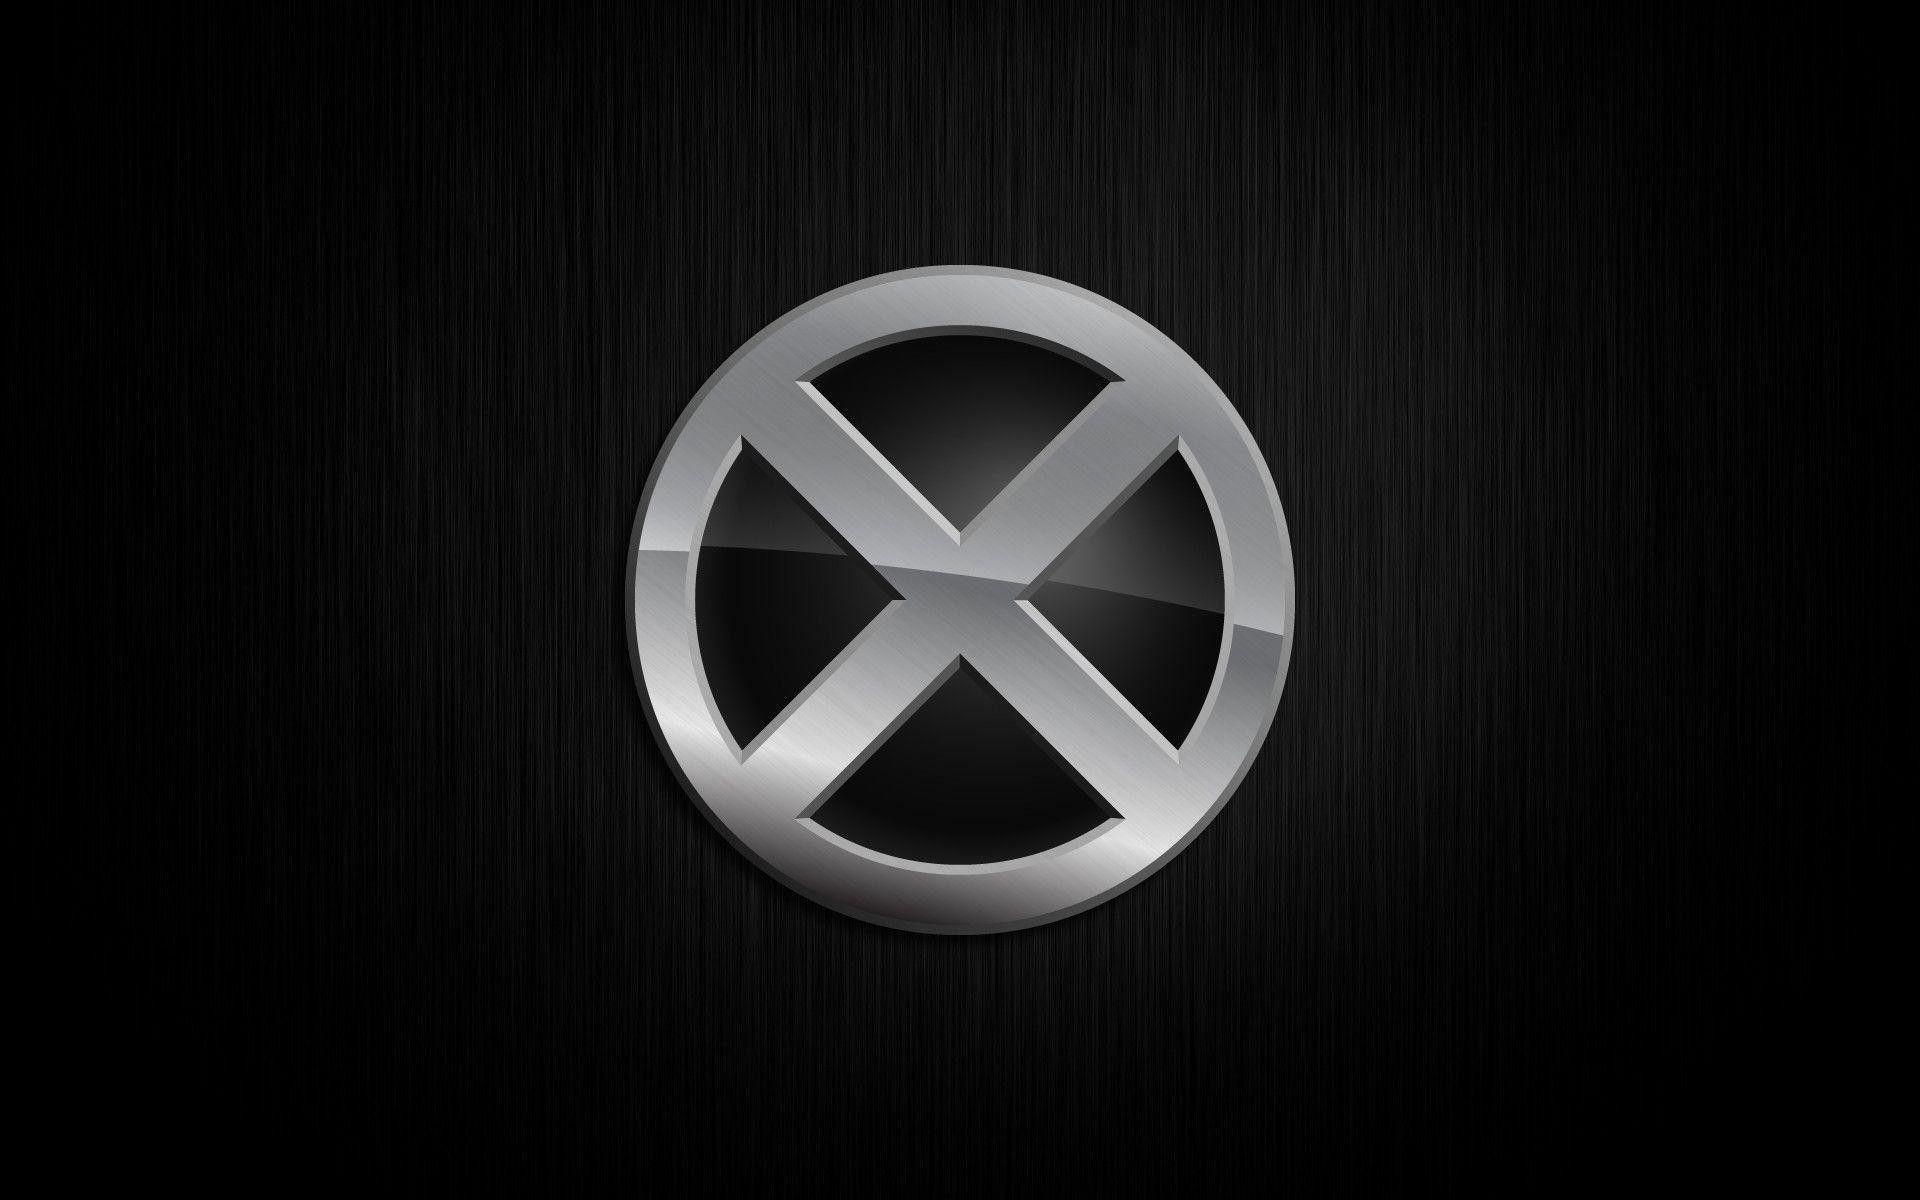 X Men Logo Wallpapers Hd Wallpaper Cave